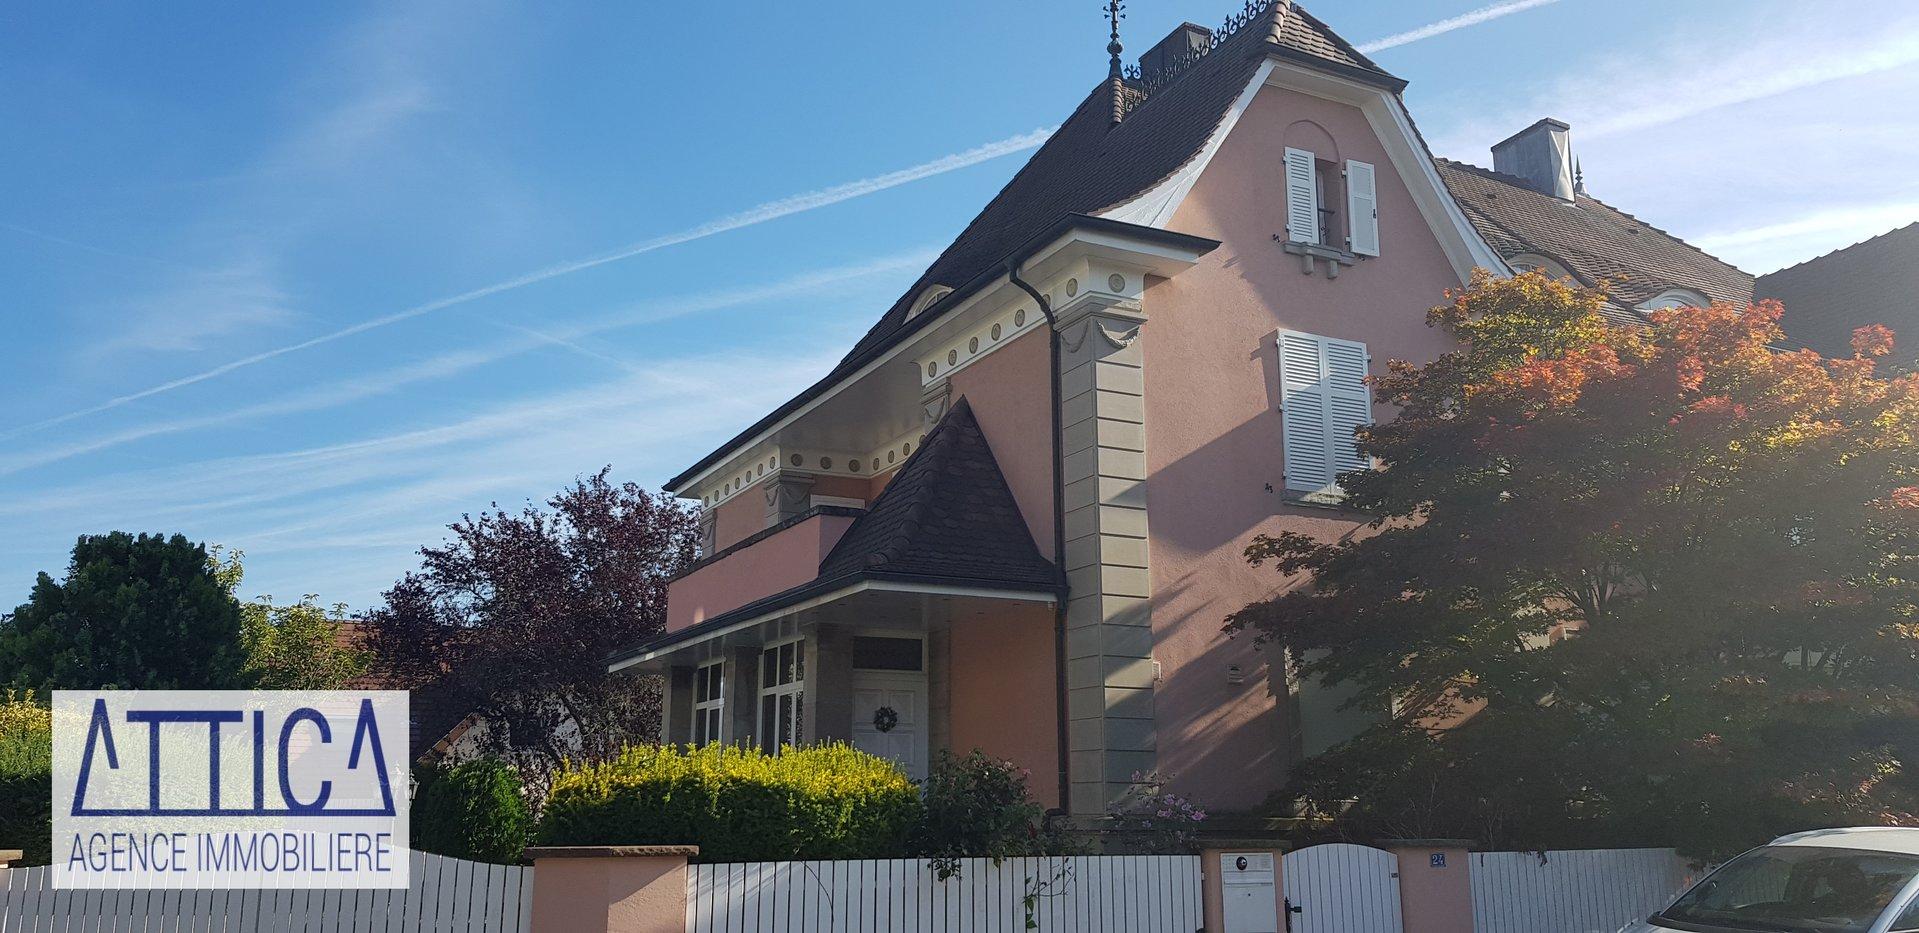 Vente Maison - Mulhouse